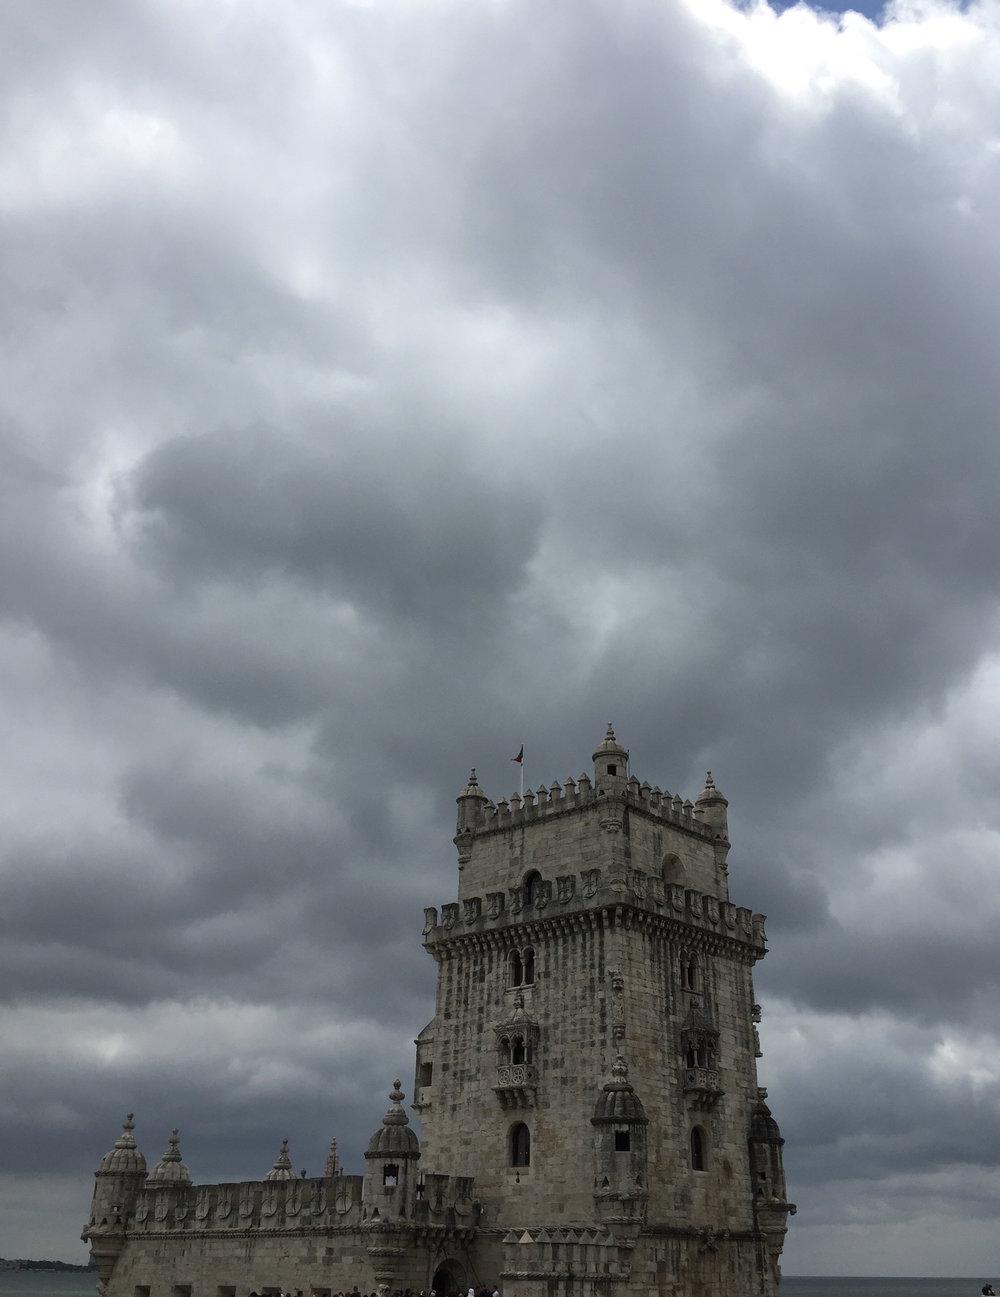 Escolhemos a região dos Descobrimentos, em Lisboa, para simbolizar essa área do Ba Guá. Da Torre de Belém,partiam as Caravelas para conquistar o mundo e realizar a missão a que se propuseram os portugueses.